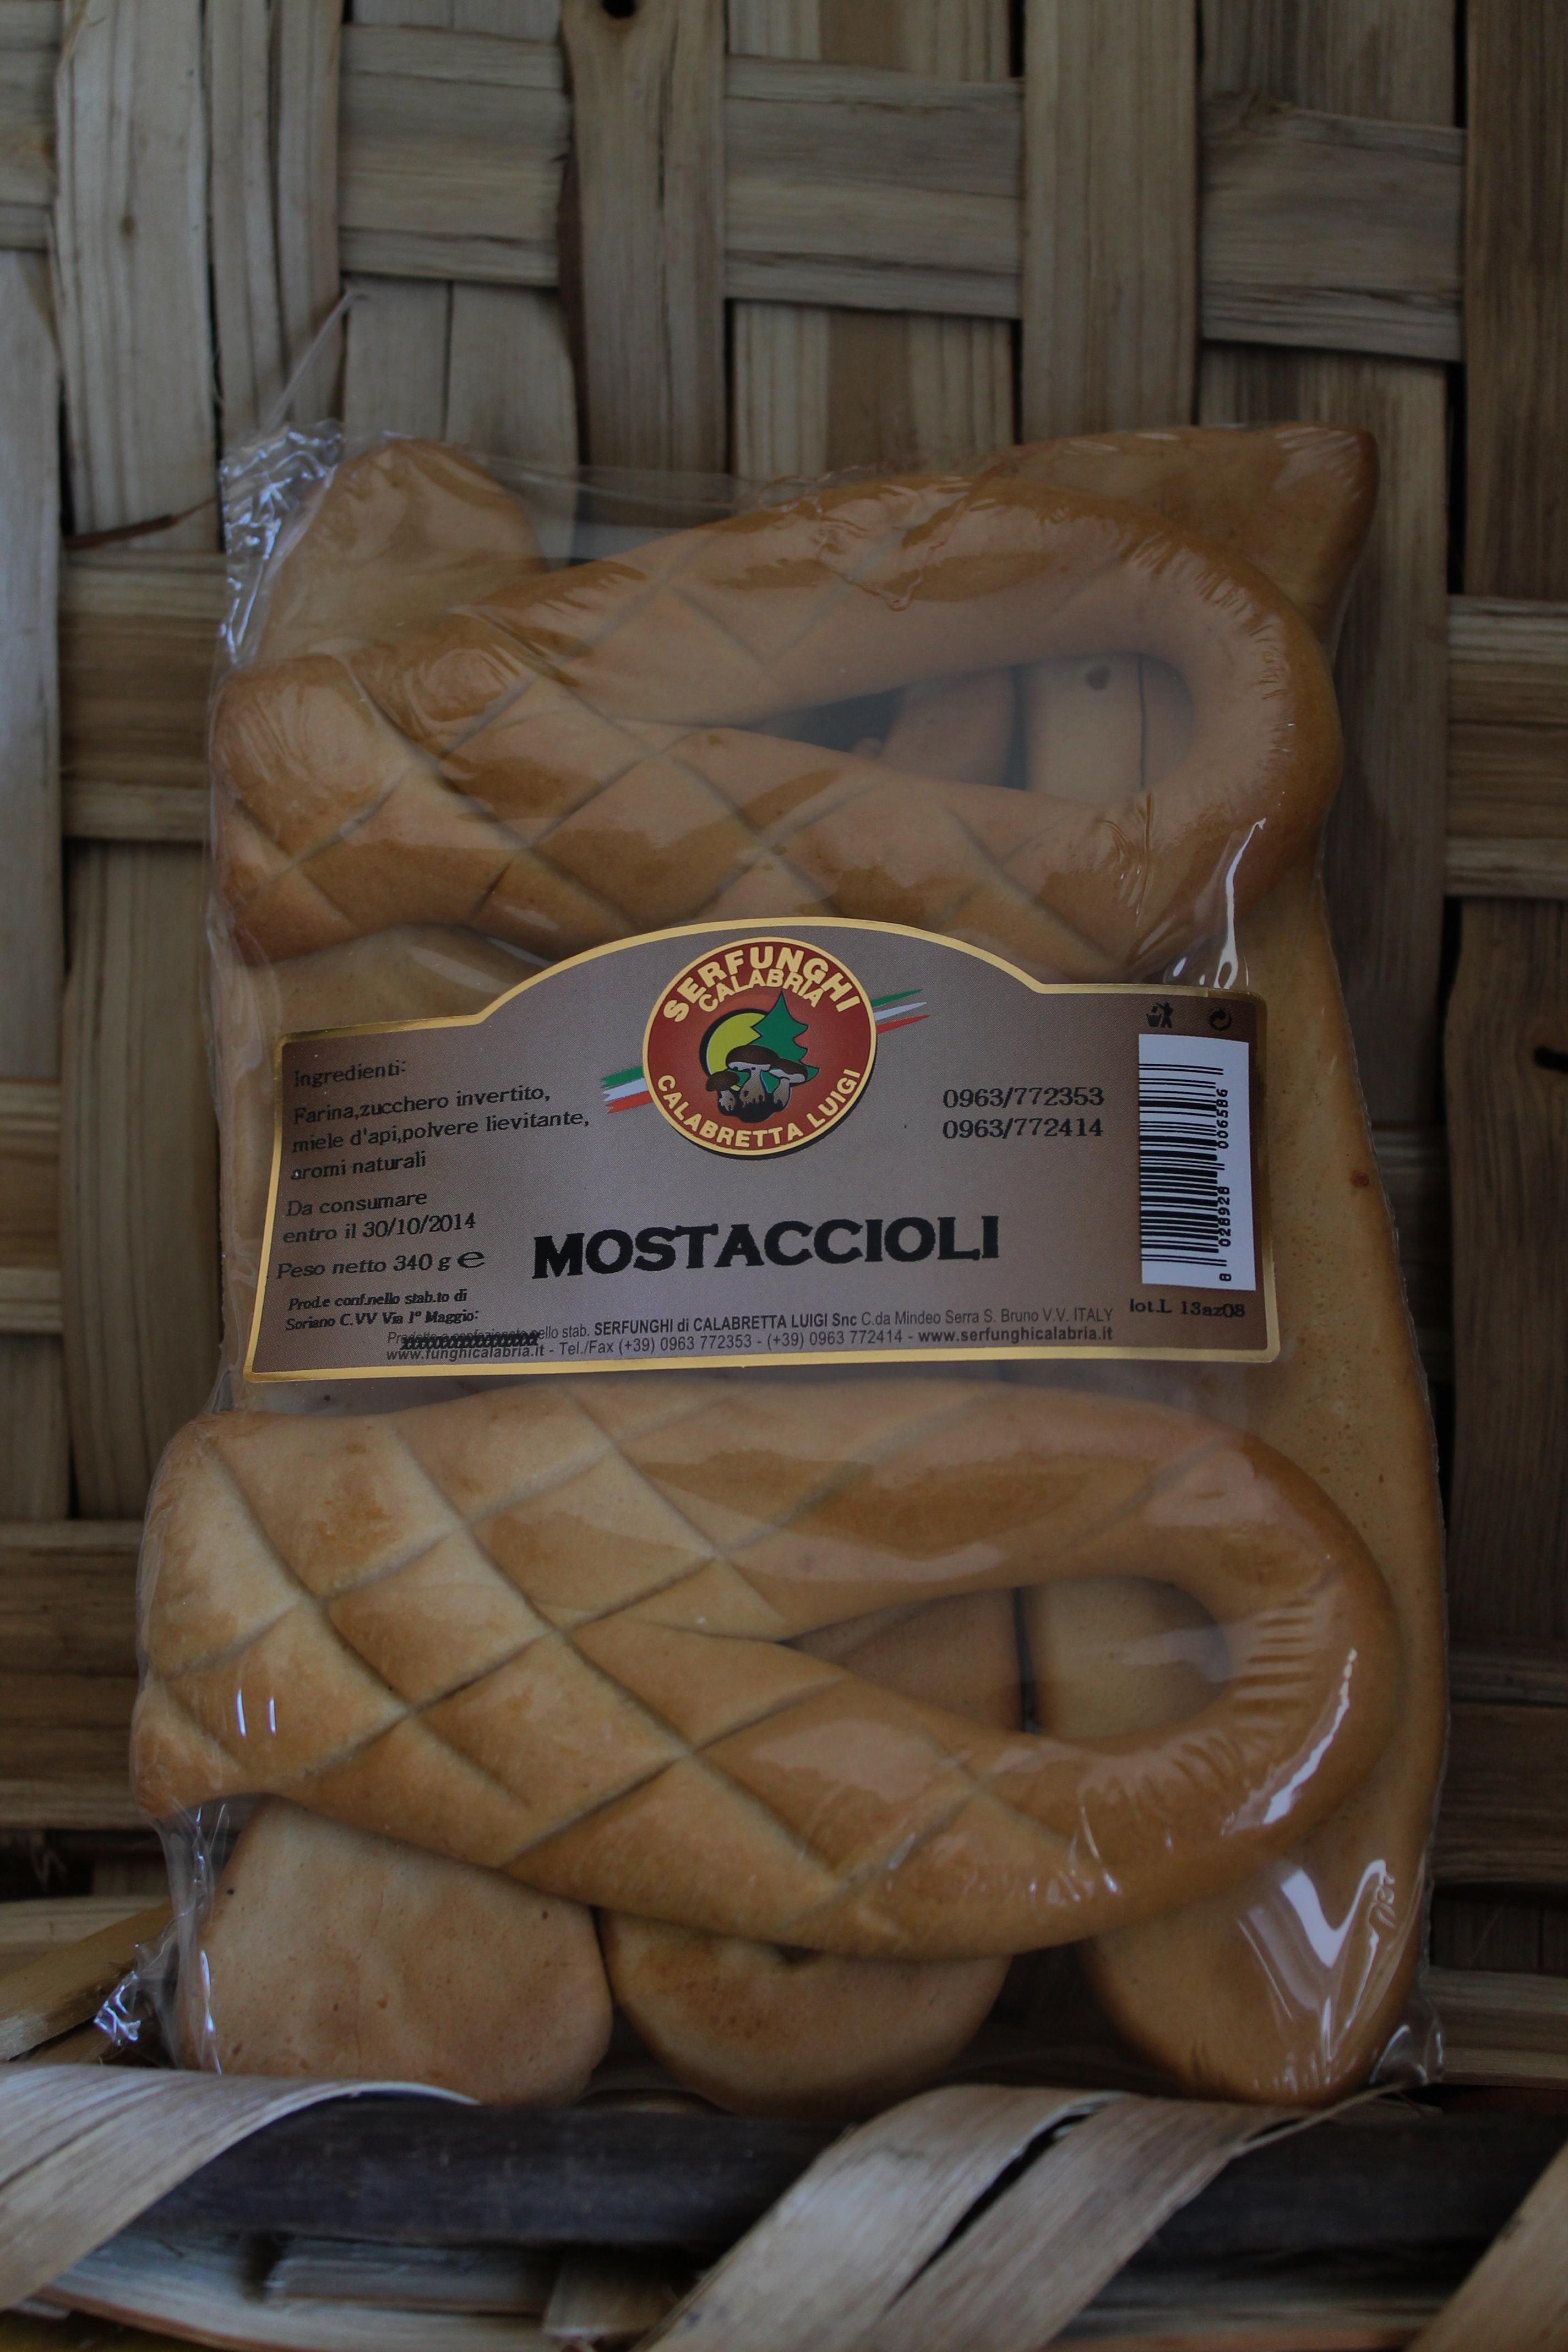 MOSTACCIOLI